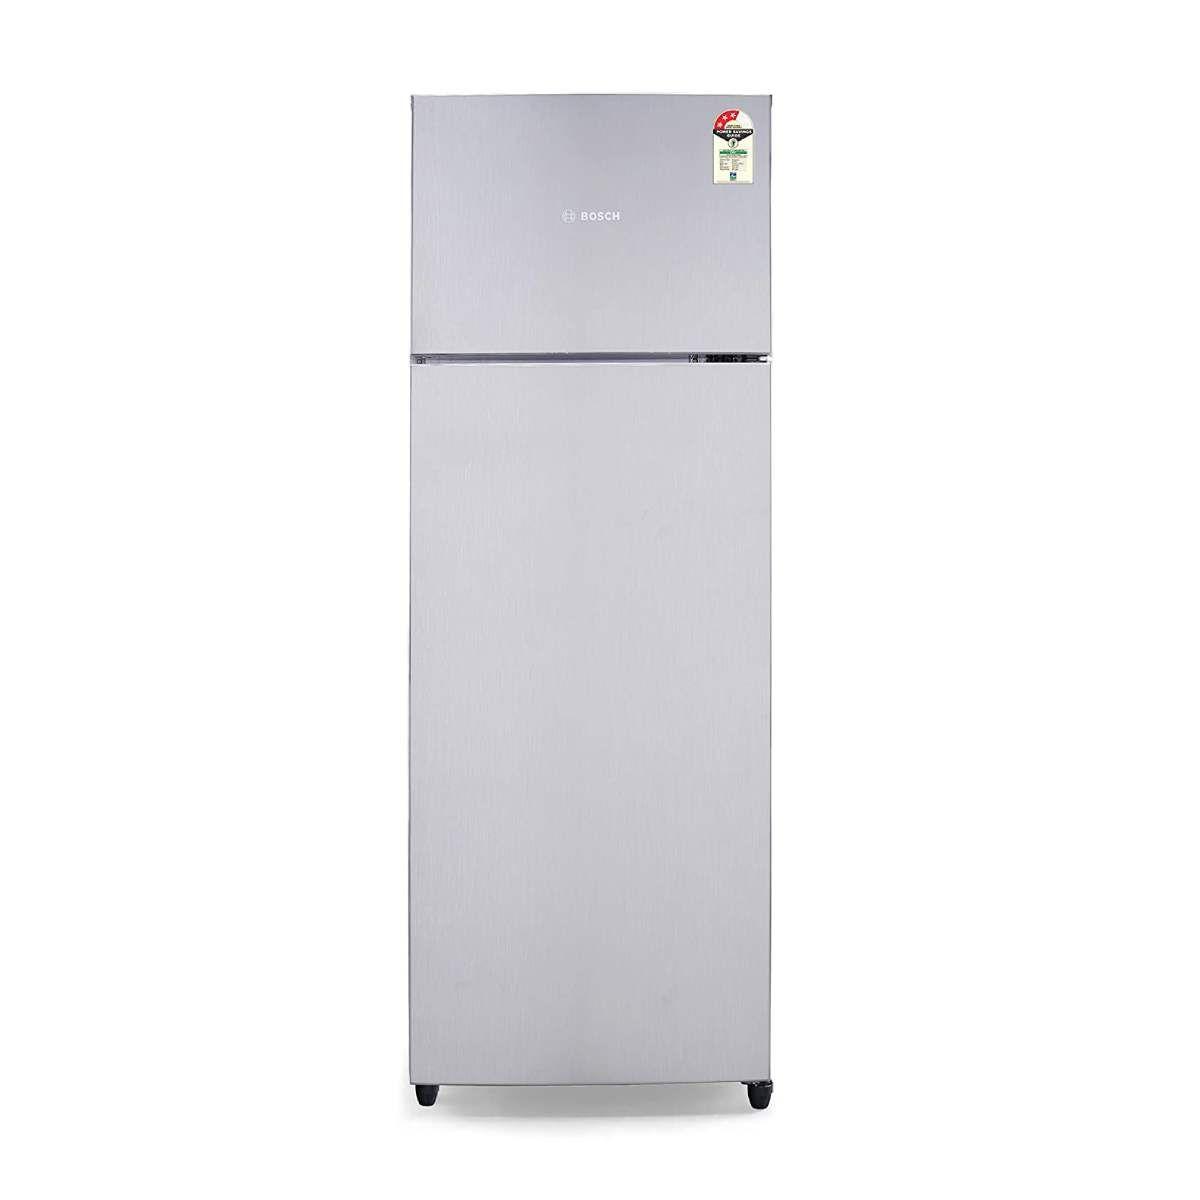 Bosch 327 L 3 Star Inverter Double Door Refrigerator (KDN42UL30I)